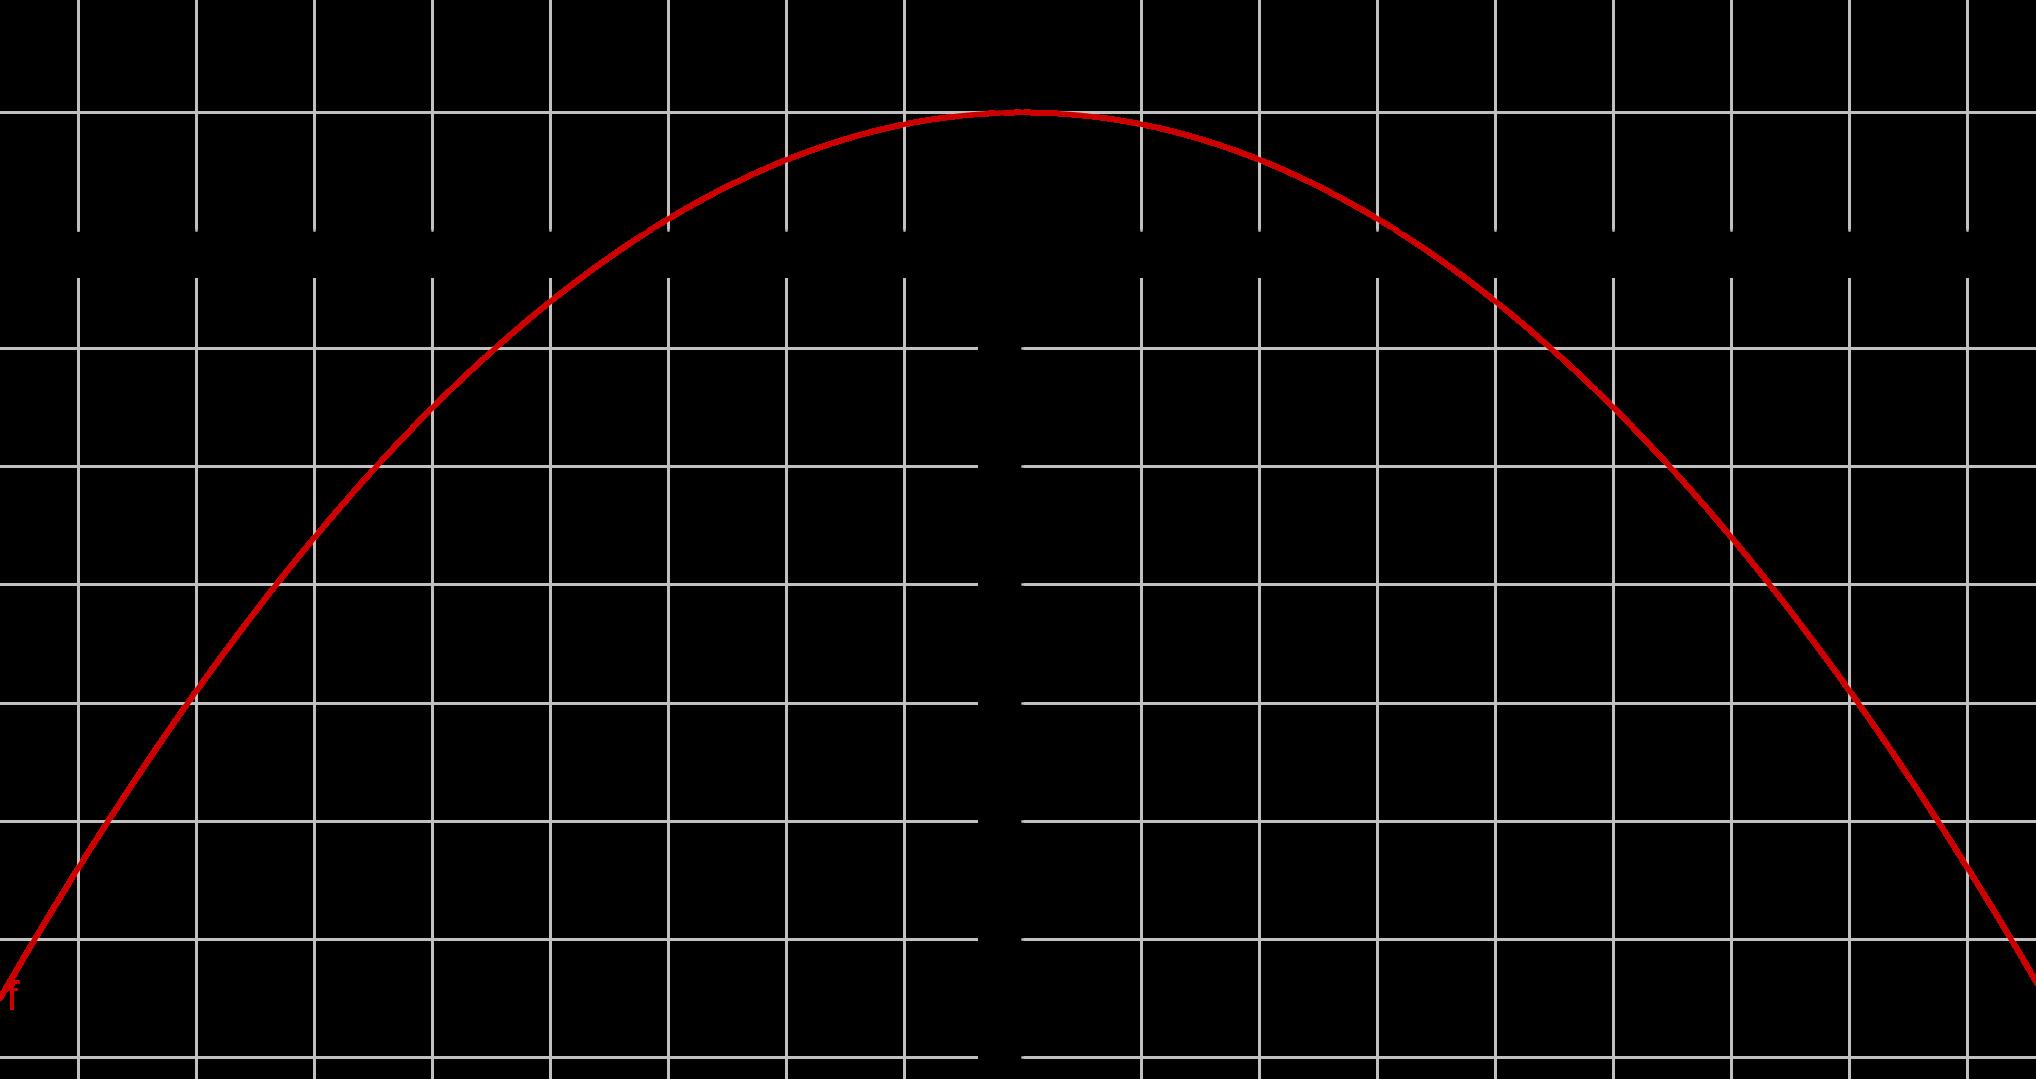 Graph zu -1/10 x^2 + 1